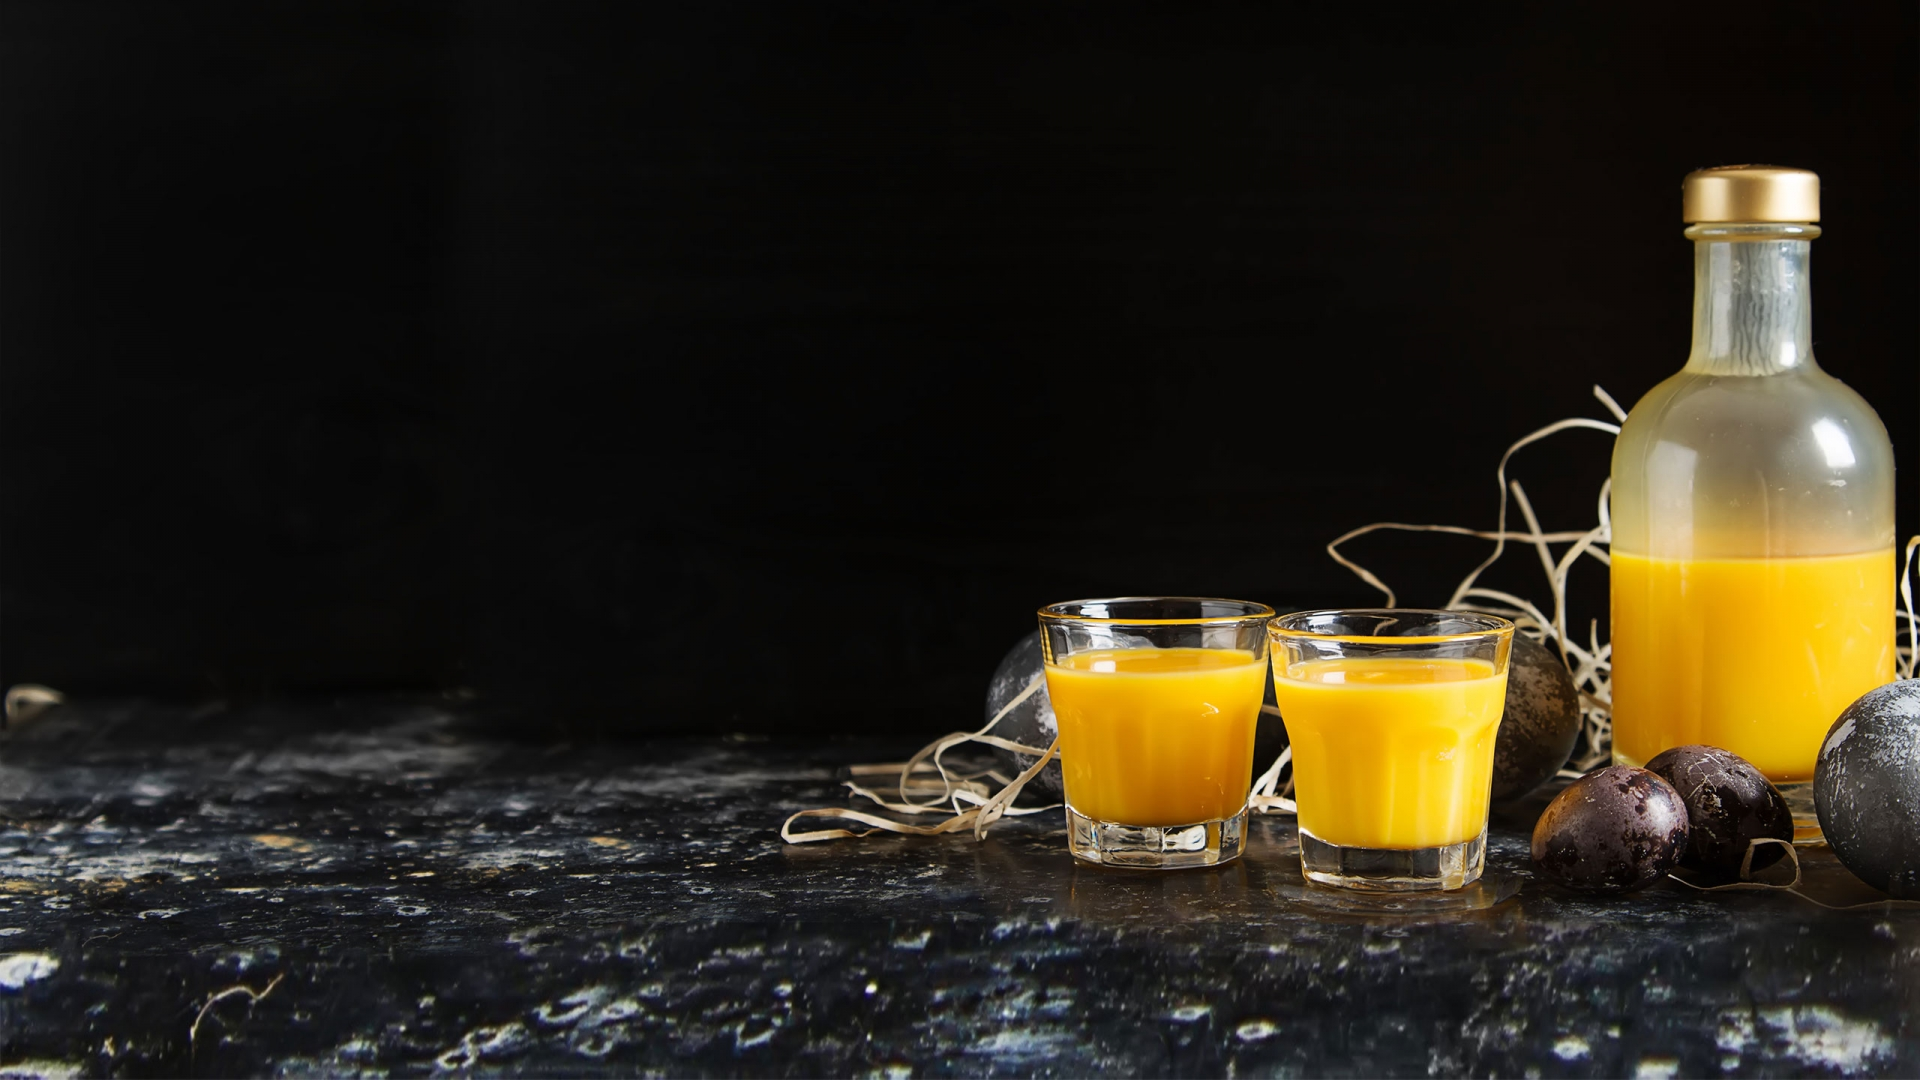 Kühlschrank Aldi Süd : Eierlikör ein süßer genuss zum trinken essen und backen aldi